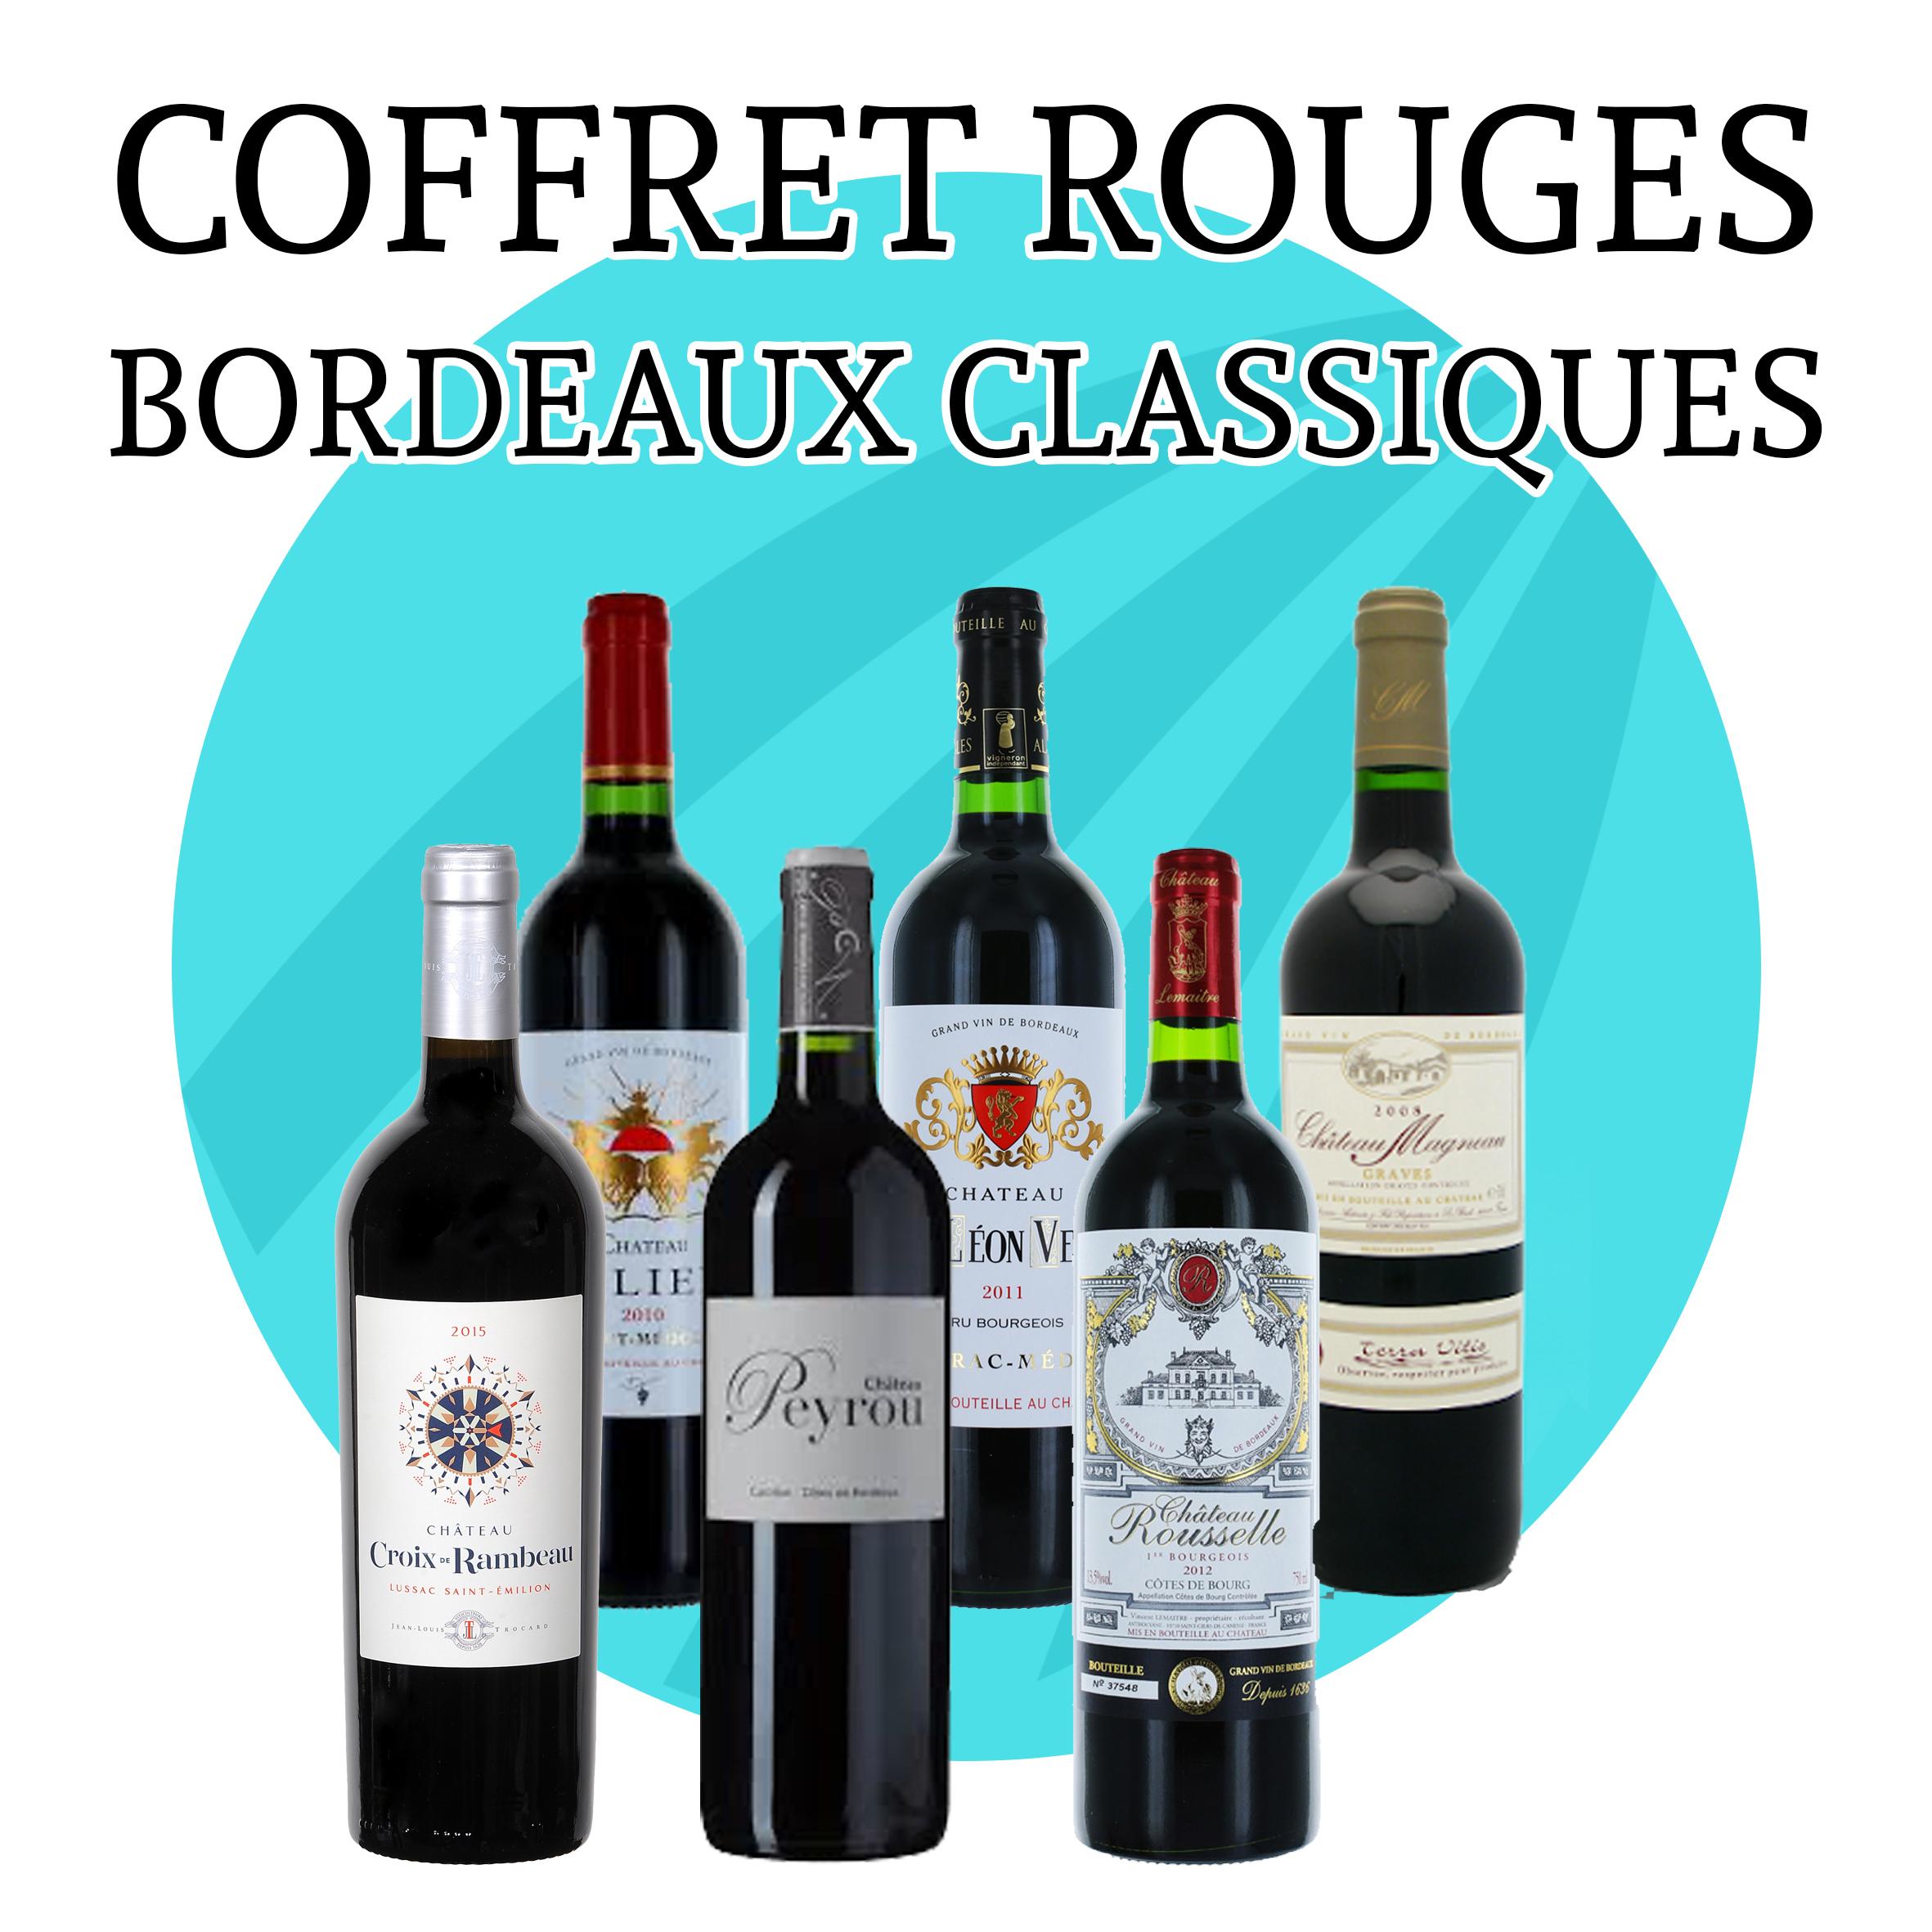 Coffret Bordeaux Classiques - 6 bouteilles